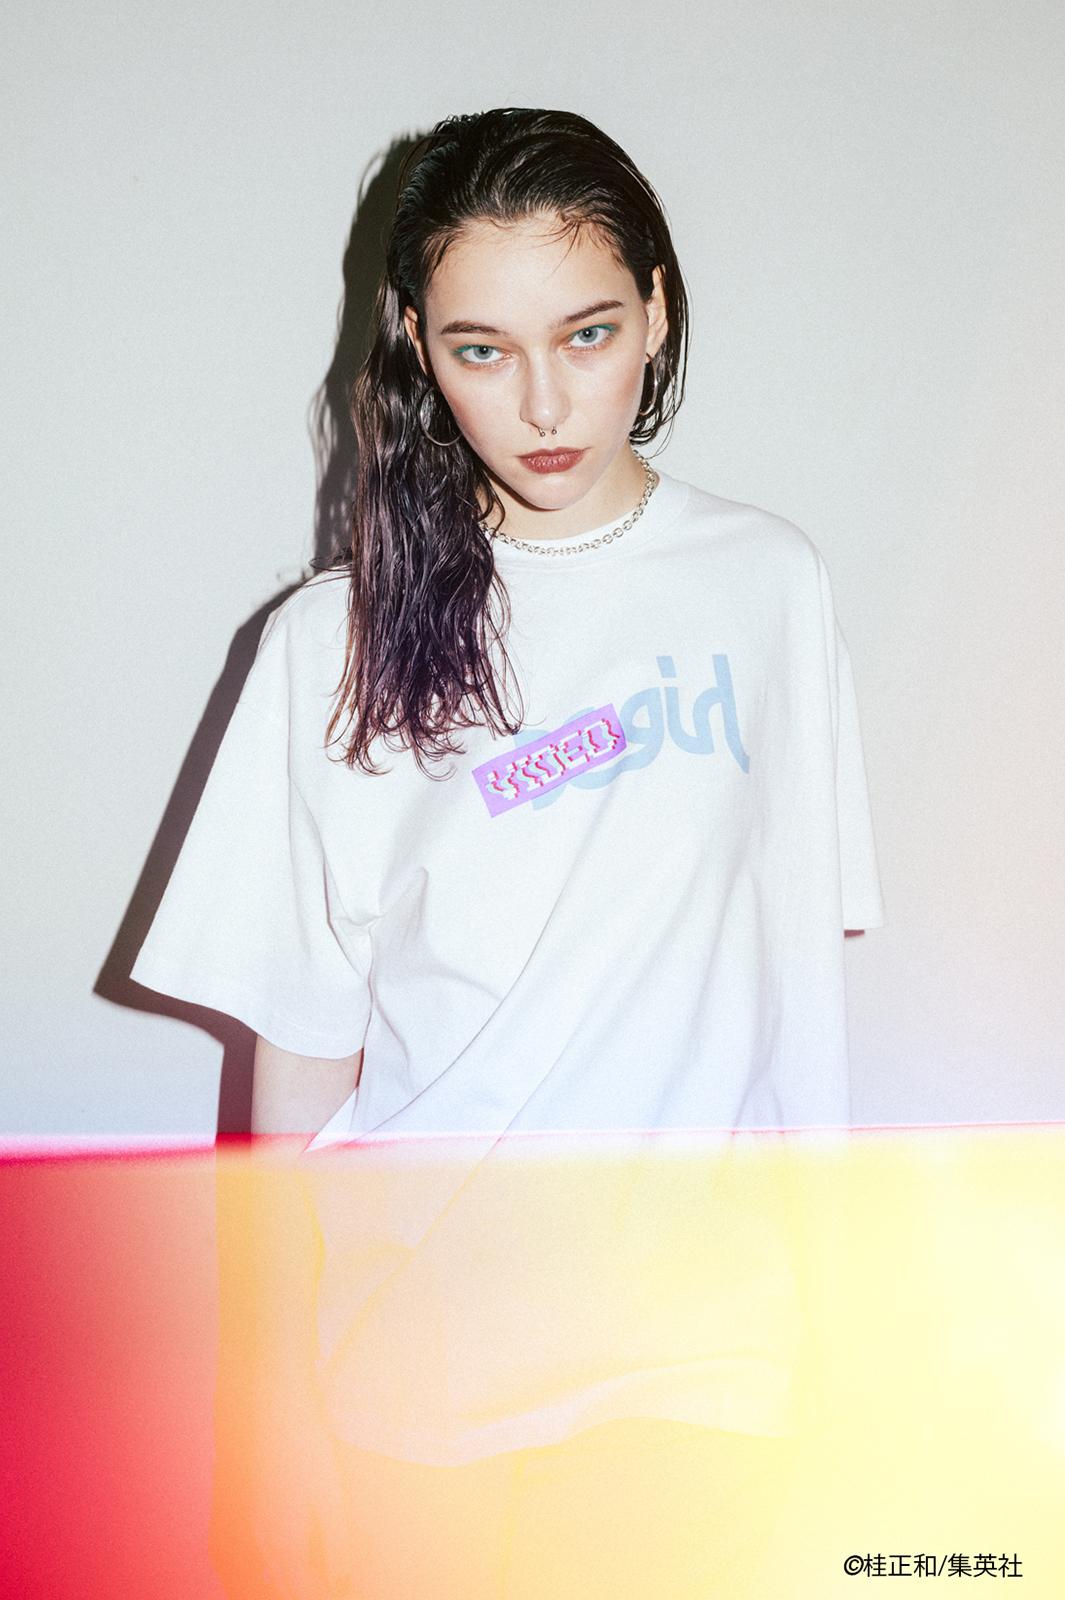 「X-girl」×「電影少女」(提供写真)